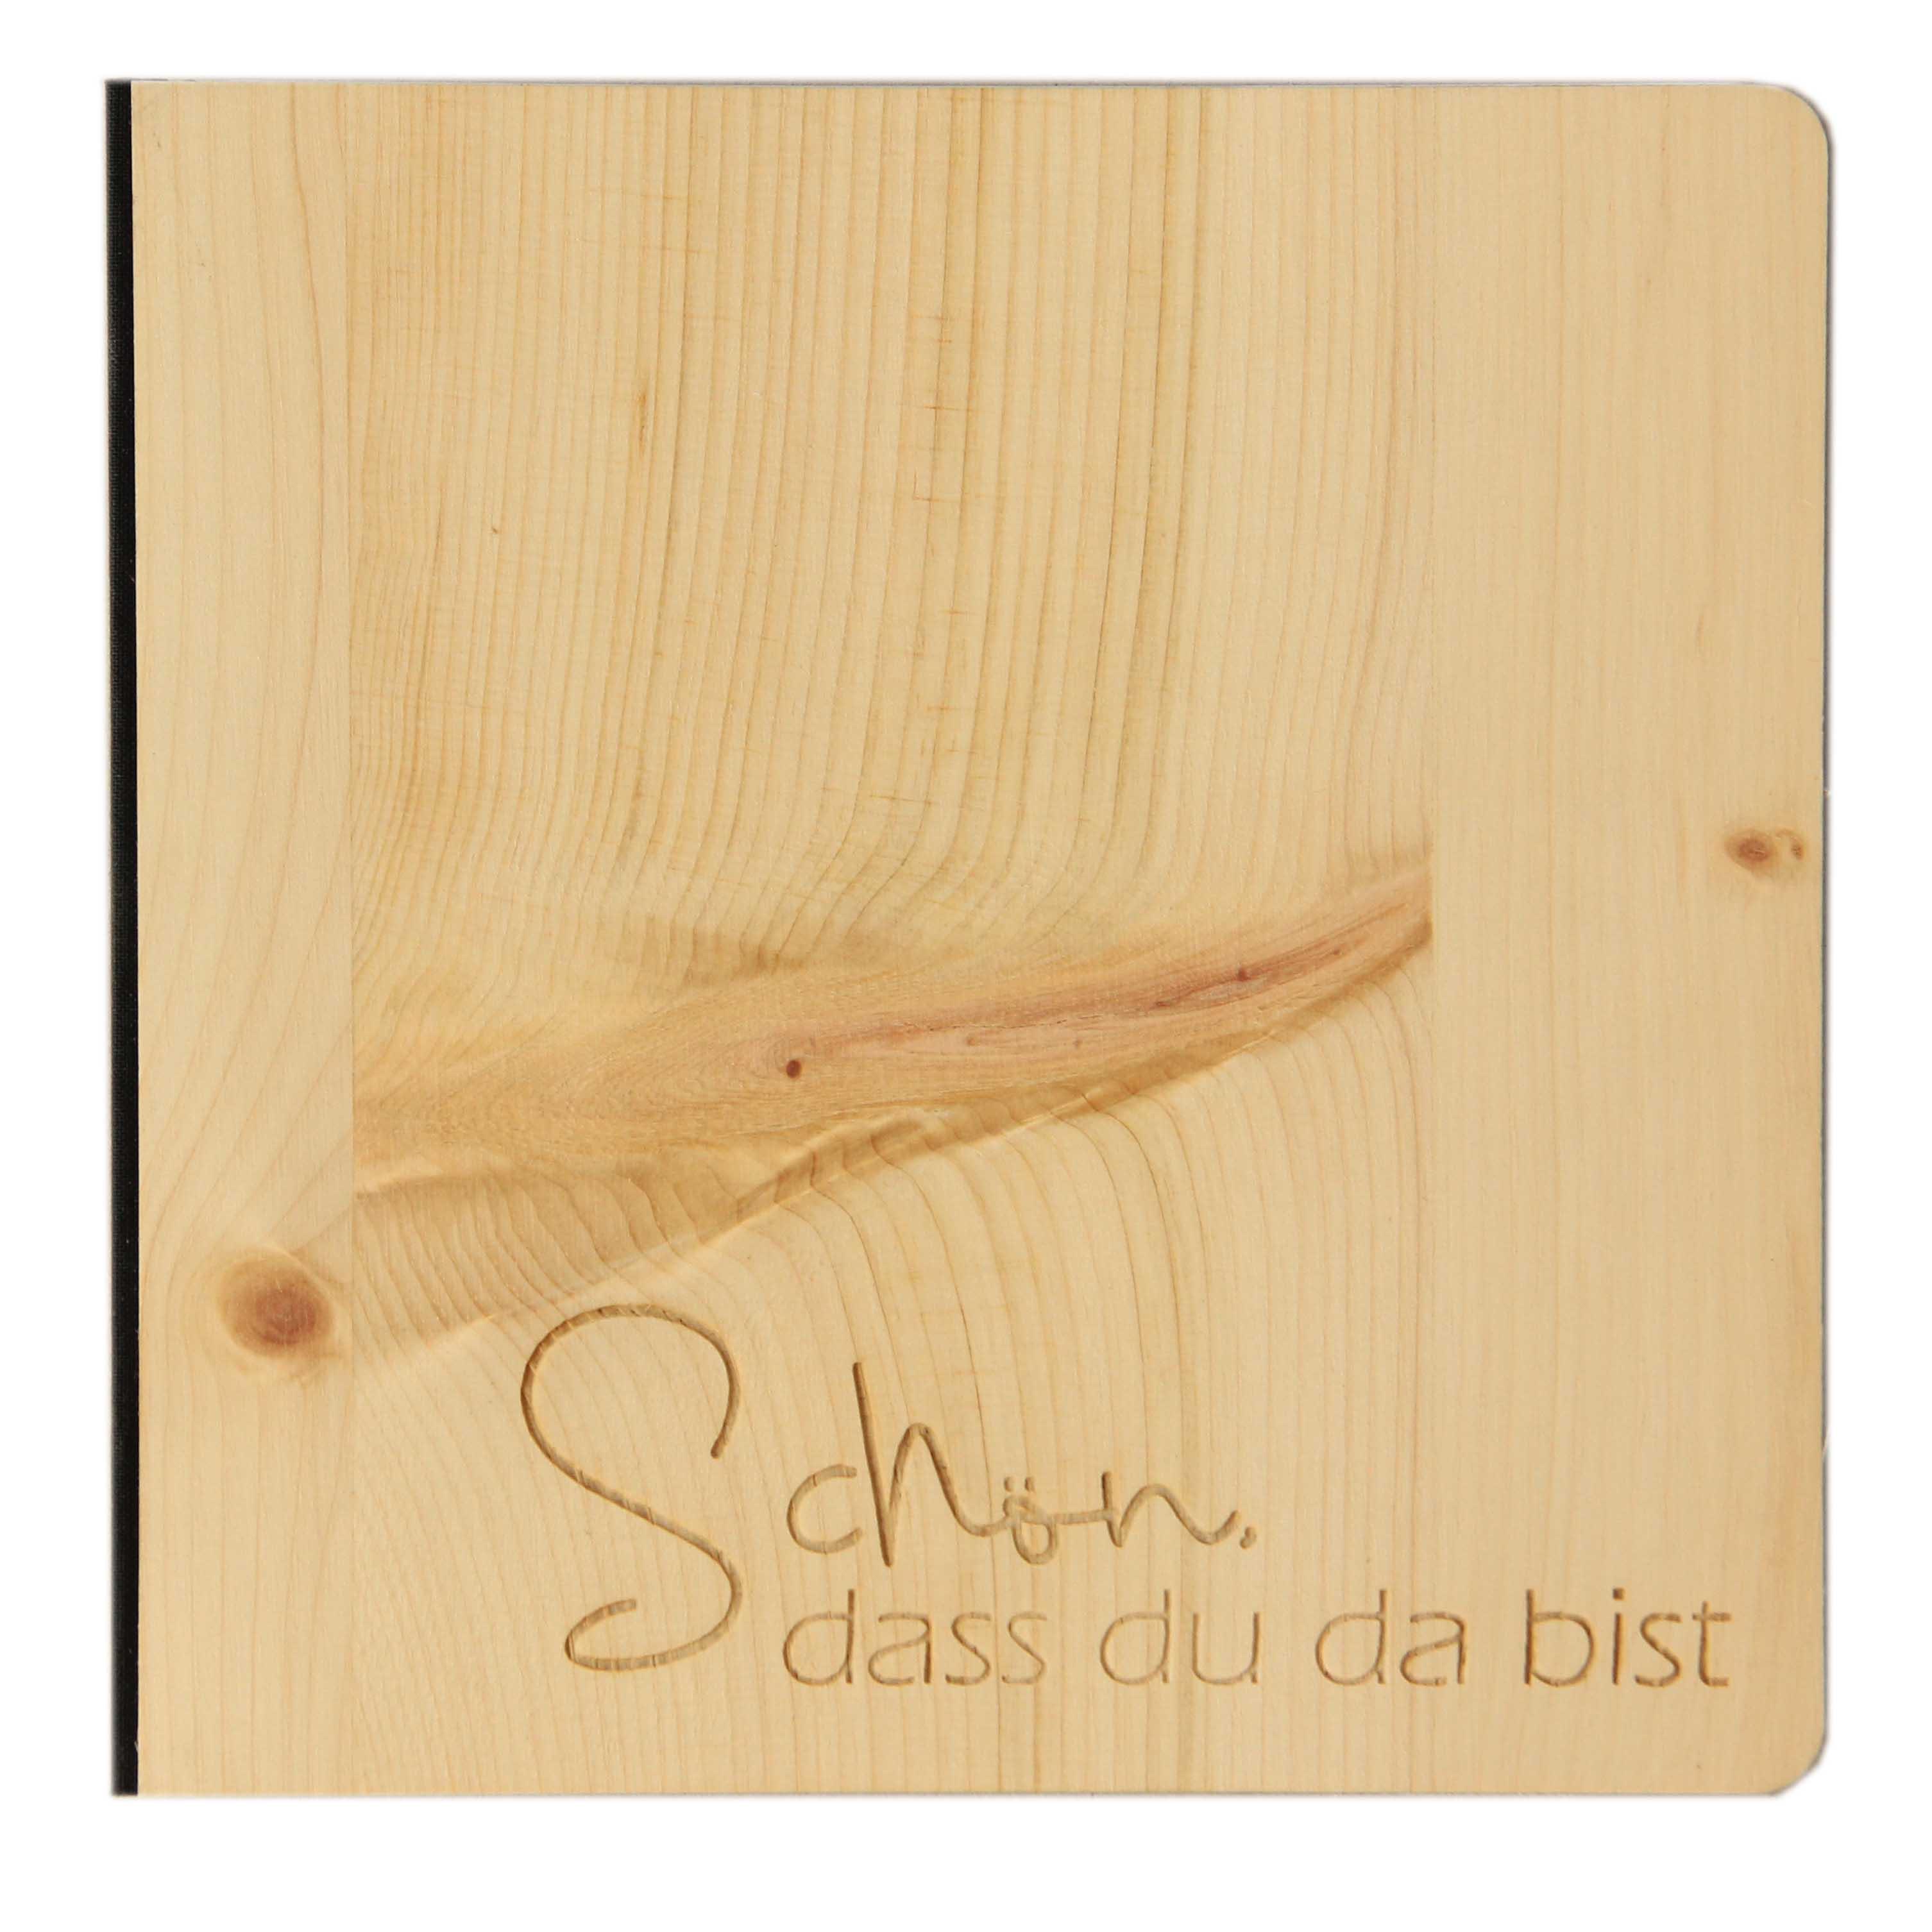 """Holz Gästebuch mit eingraviertem Schriftzug """"Schön, dass du da bist"""", Fotoalbum und Stammbuch für verschiedene Anlässe, bestehend aus Echtholz, Zirbenholzcover"""